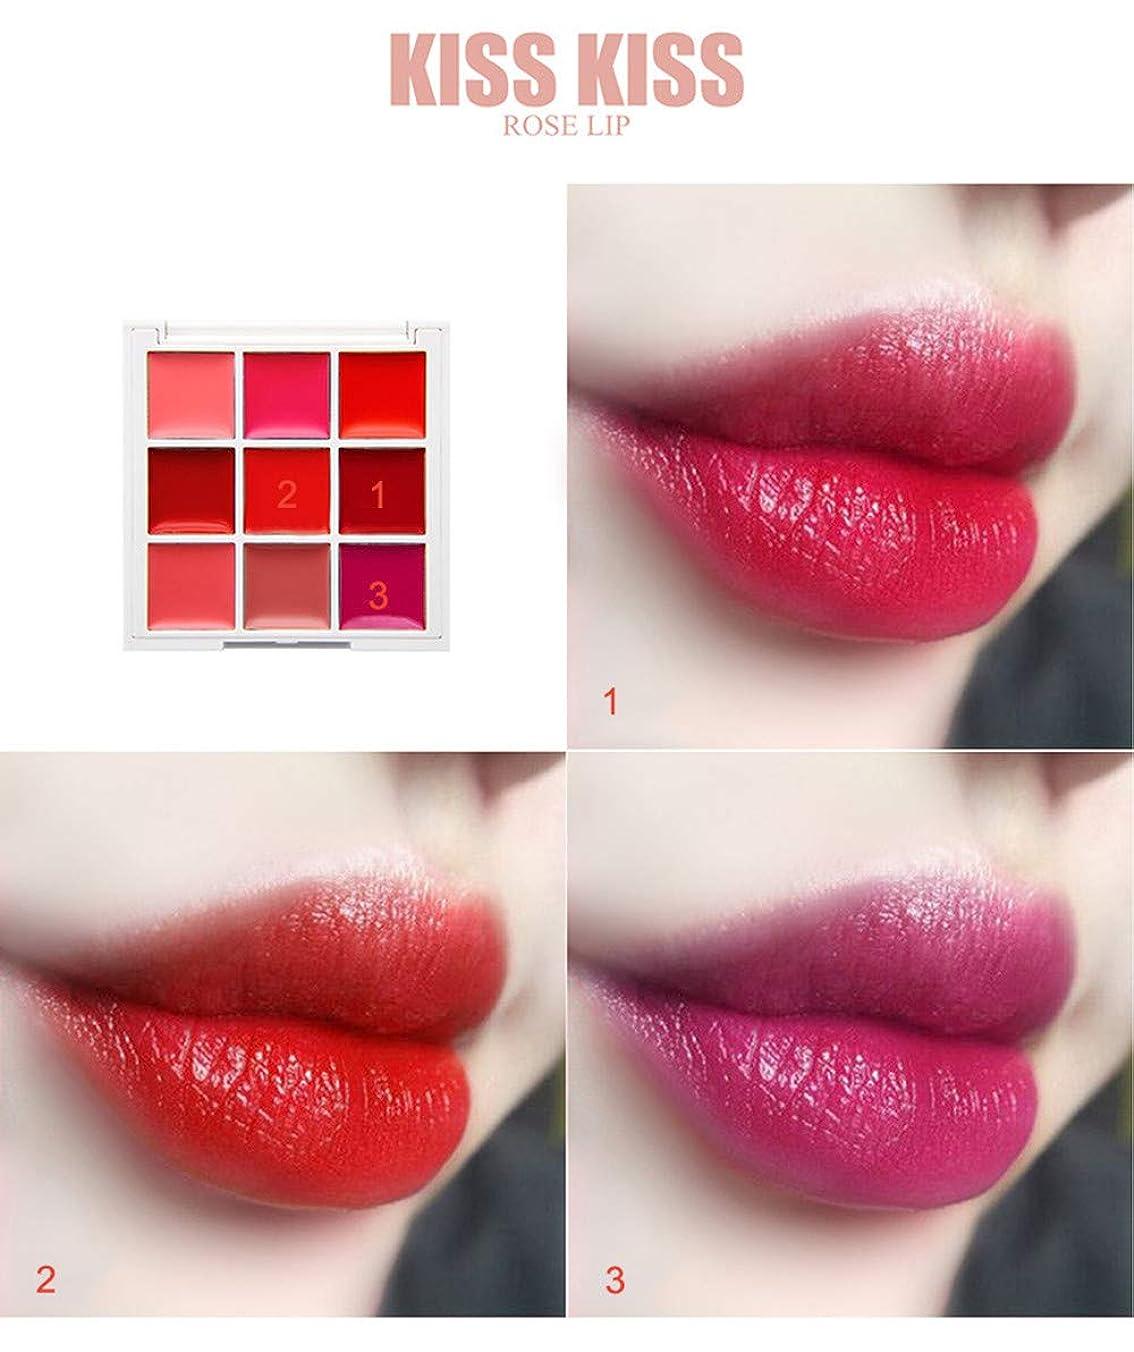 聖歌醜い通行料金美は口紅の保湿剤の唇の光沢の化粧品セットを構成します